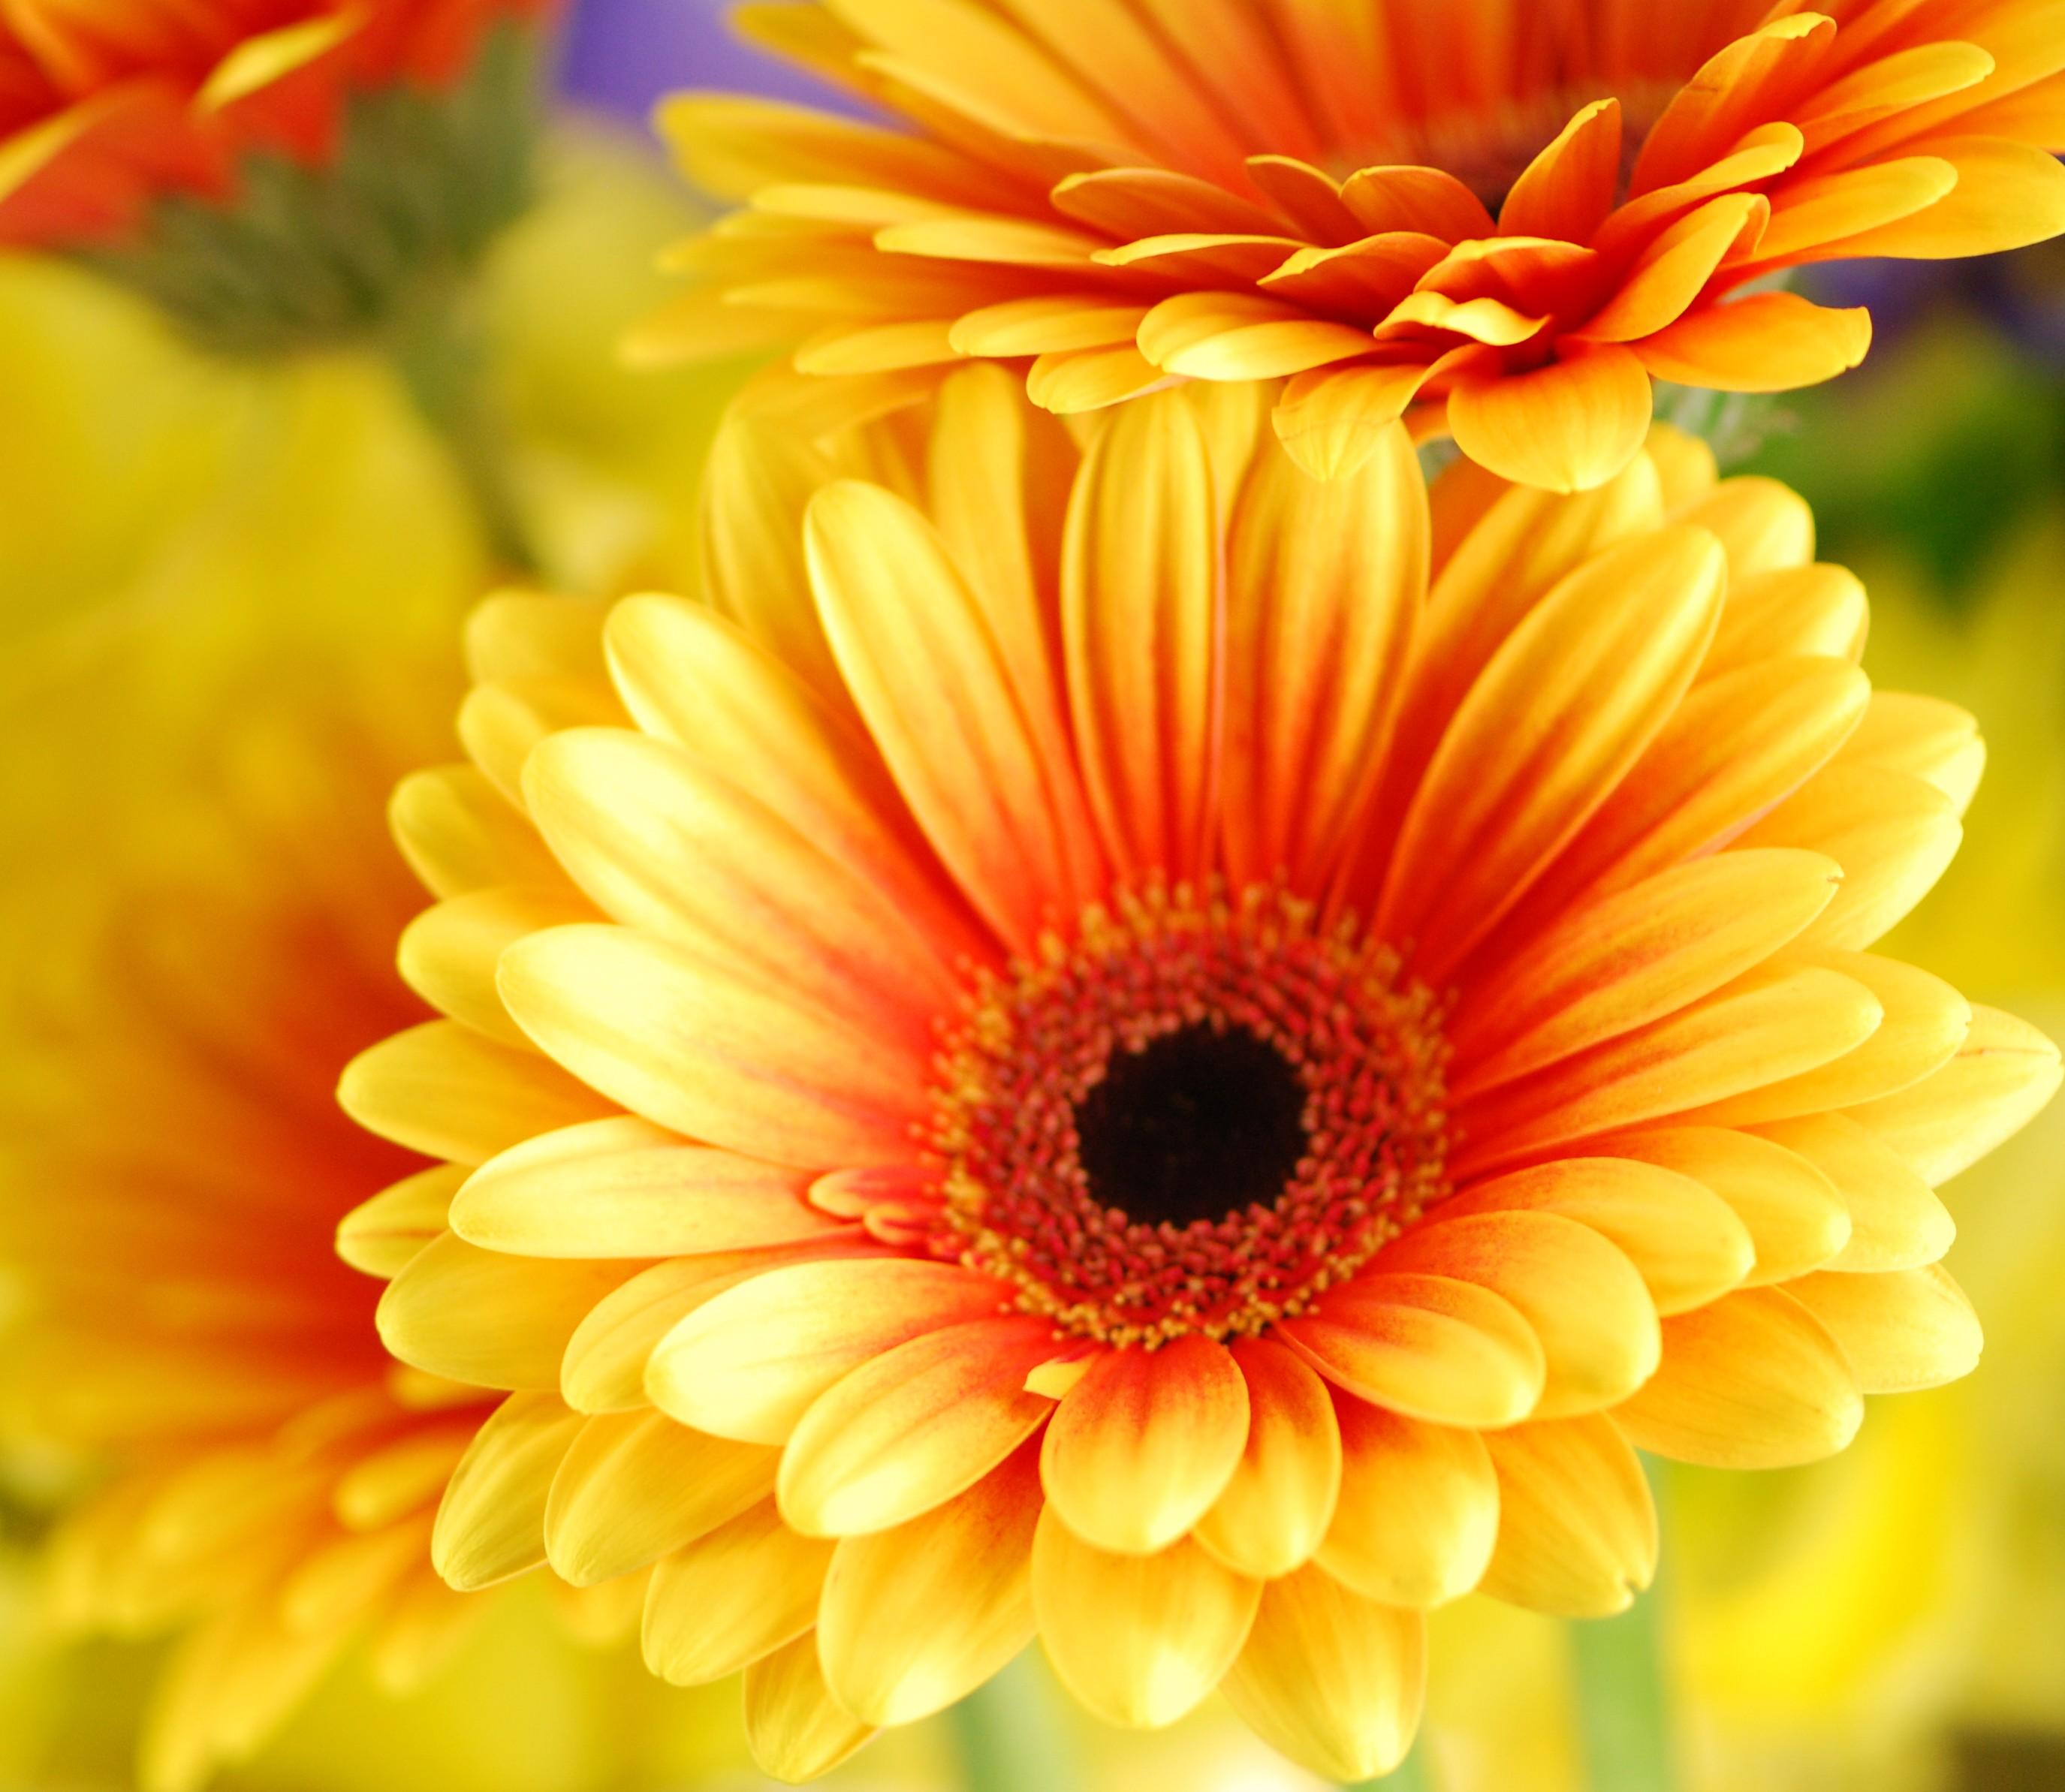 Gerbera daisy fiori della vita gerbera daisy izmirmasajfo